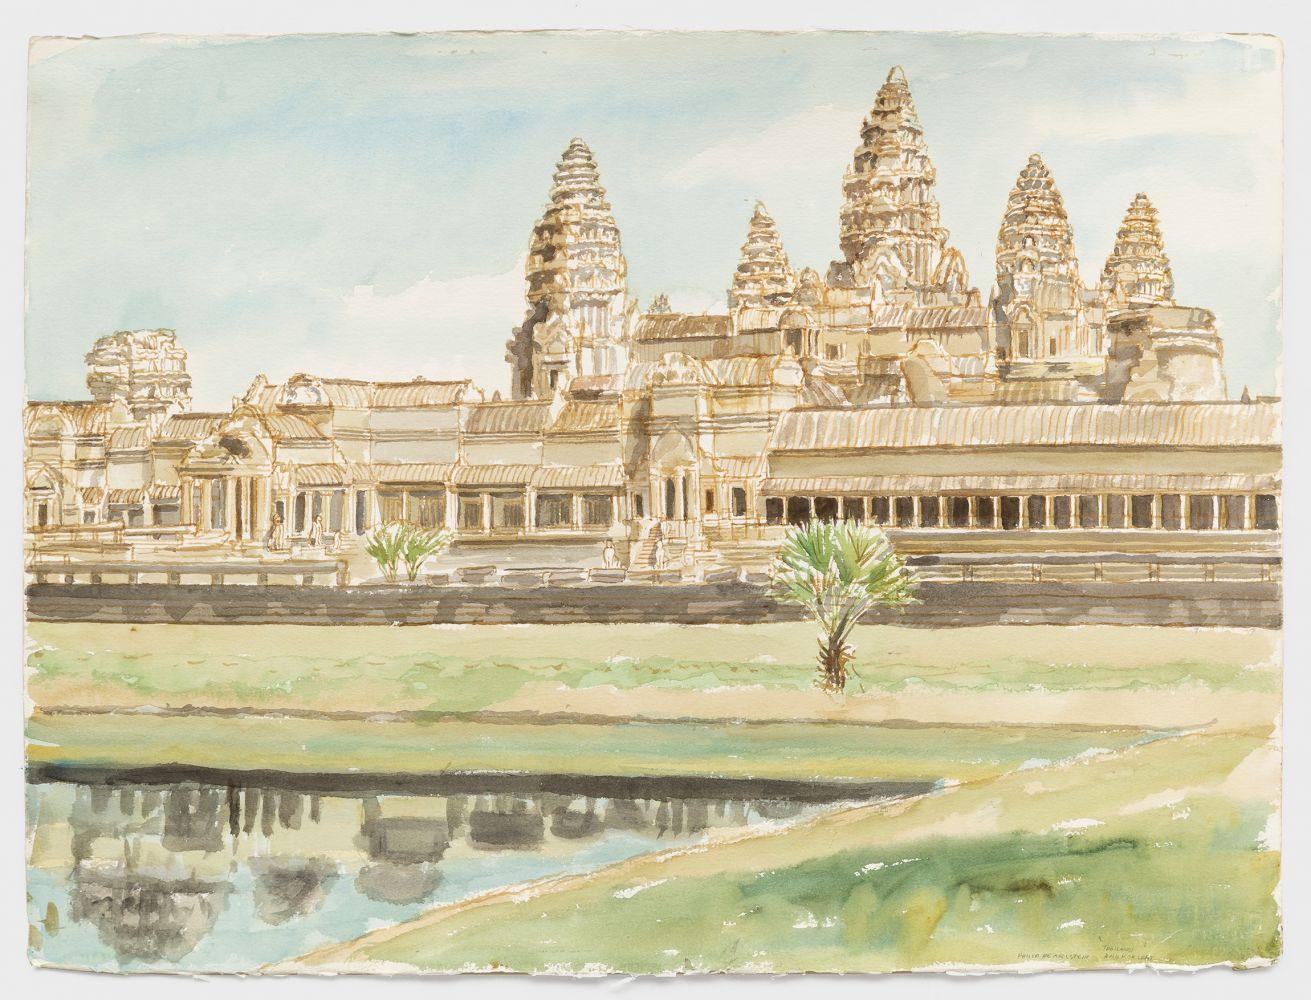 Image of Angkor Wat